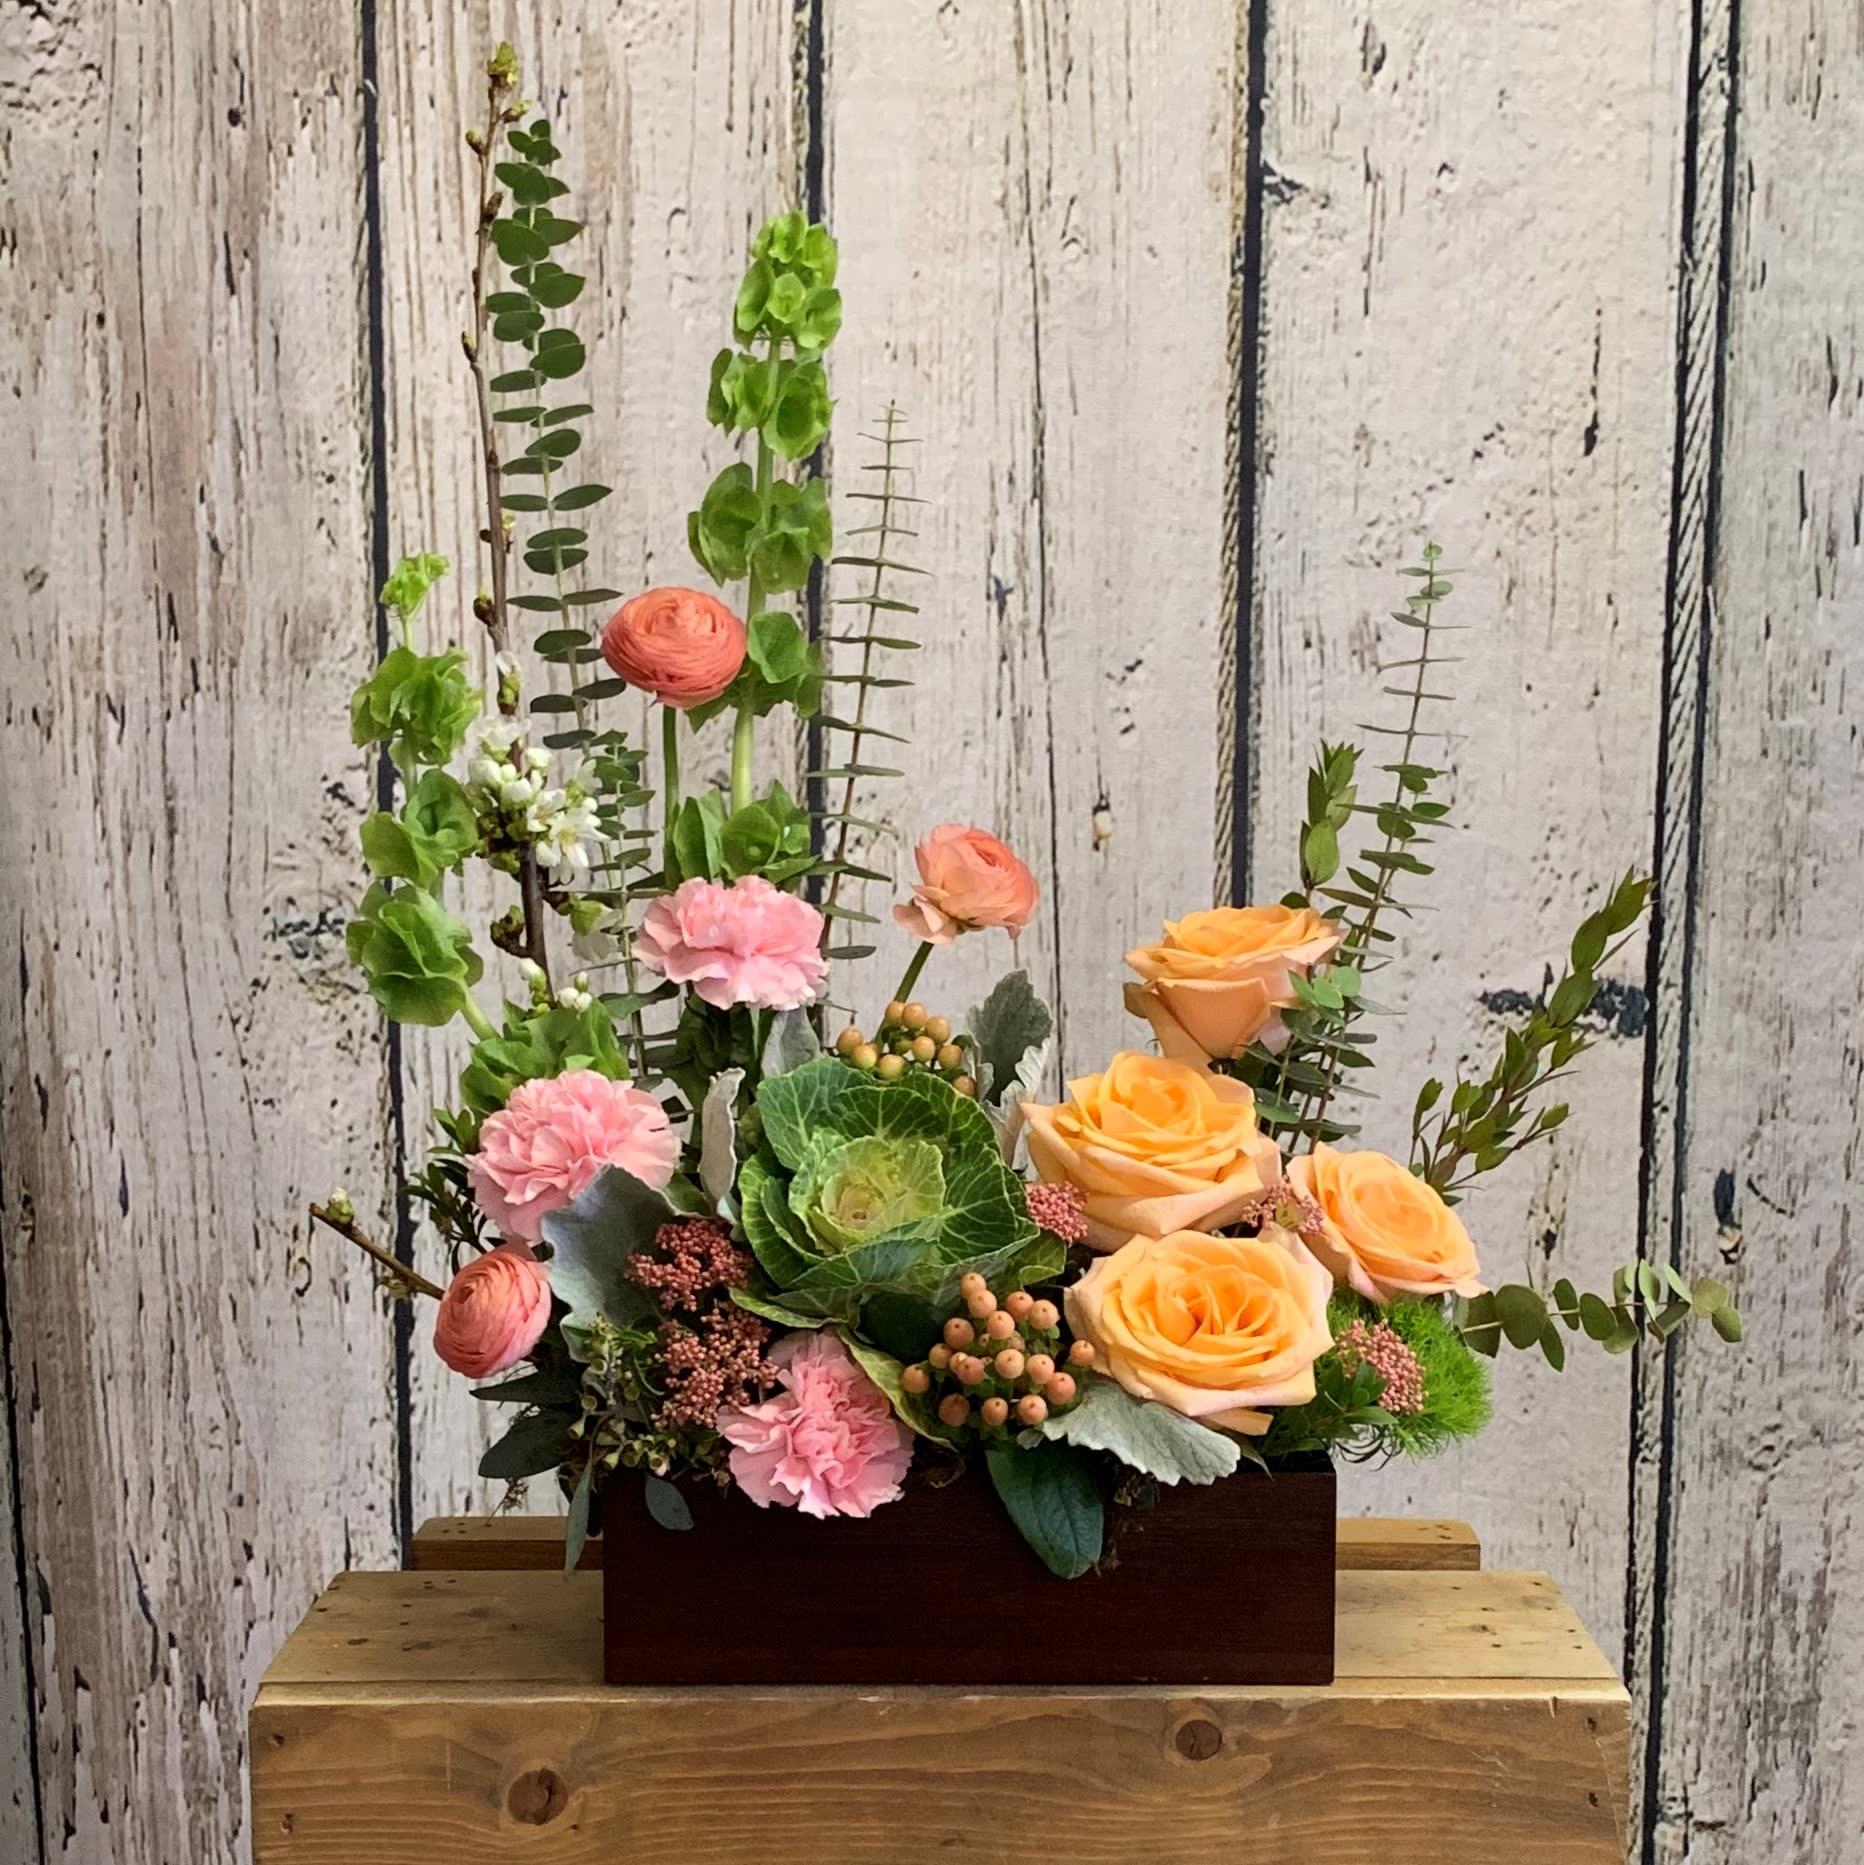 Arleneu0027s Flowers